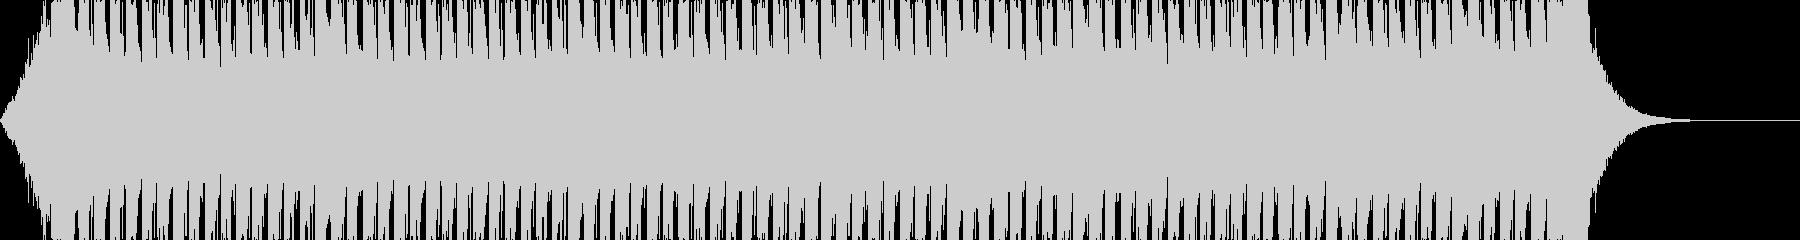 ぶっといベースが決め手のEDMの未再生の波形